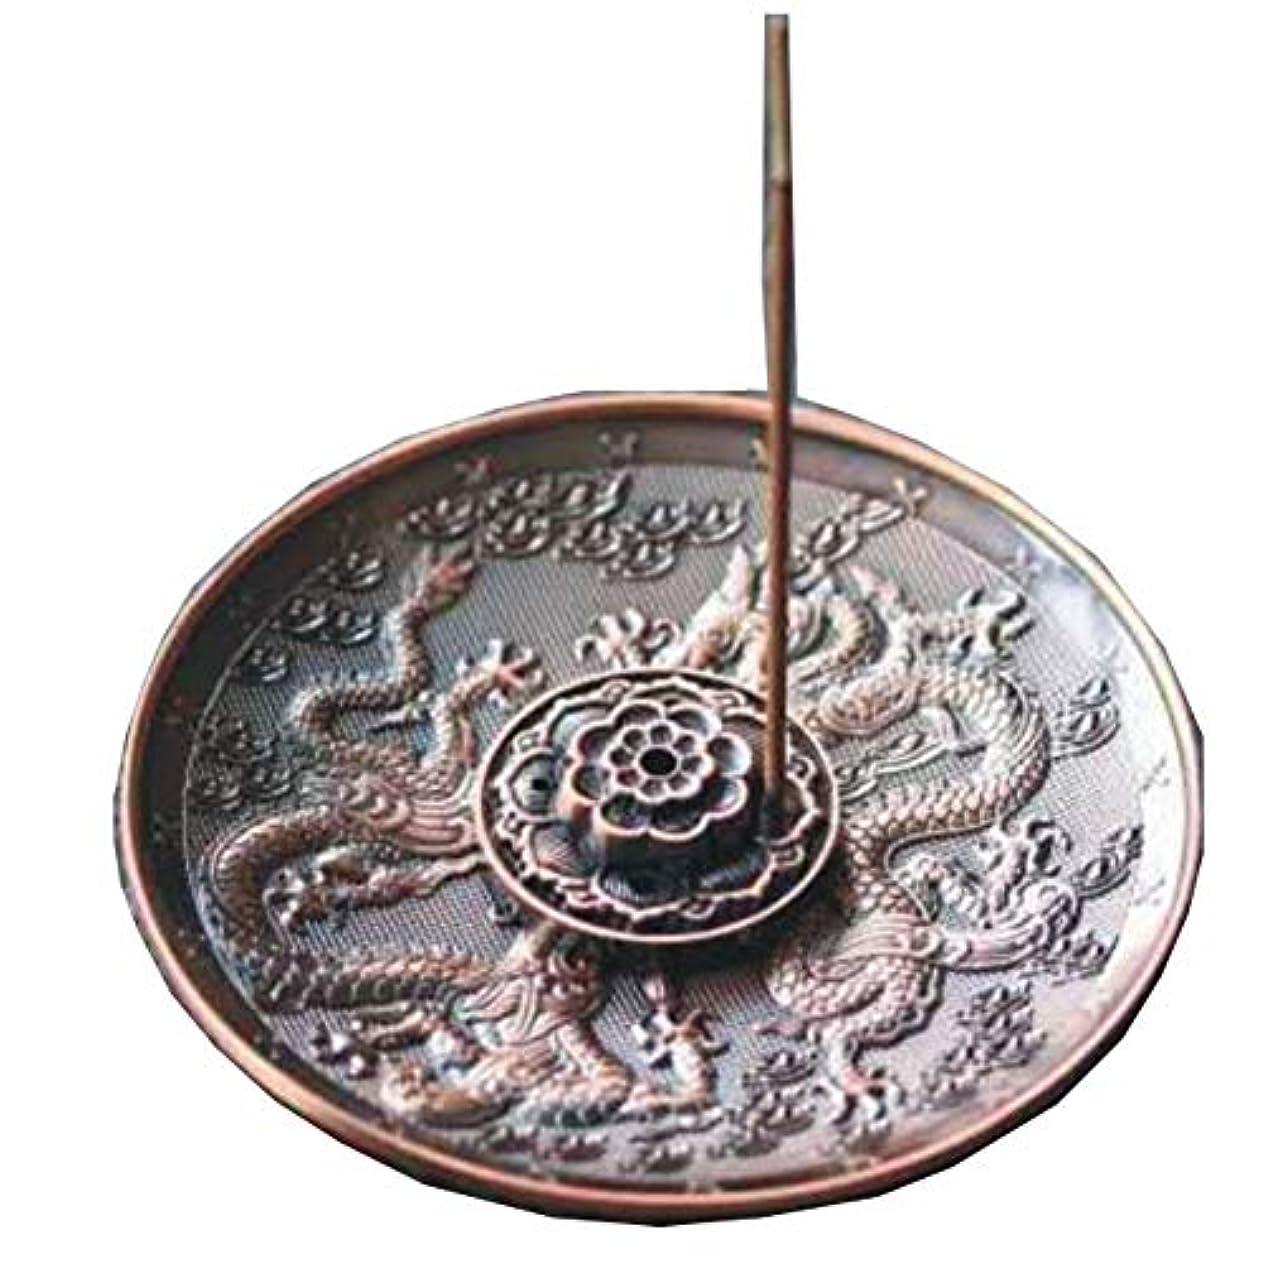 防腐剤詳細なペア[RADISSY] お香立て 香炉 香皿 スティック 円錐 タイプ お香 スタンド 龍のデザイン (赤胴色9穴)